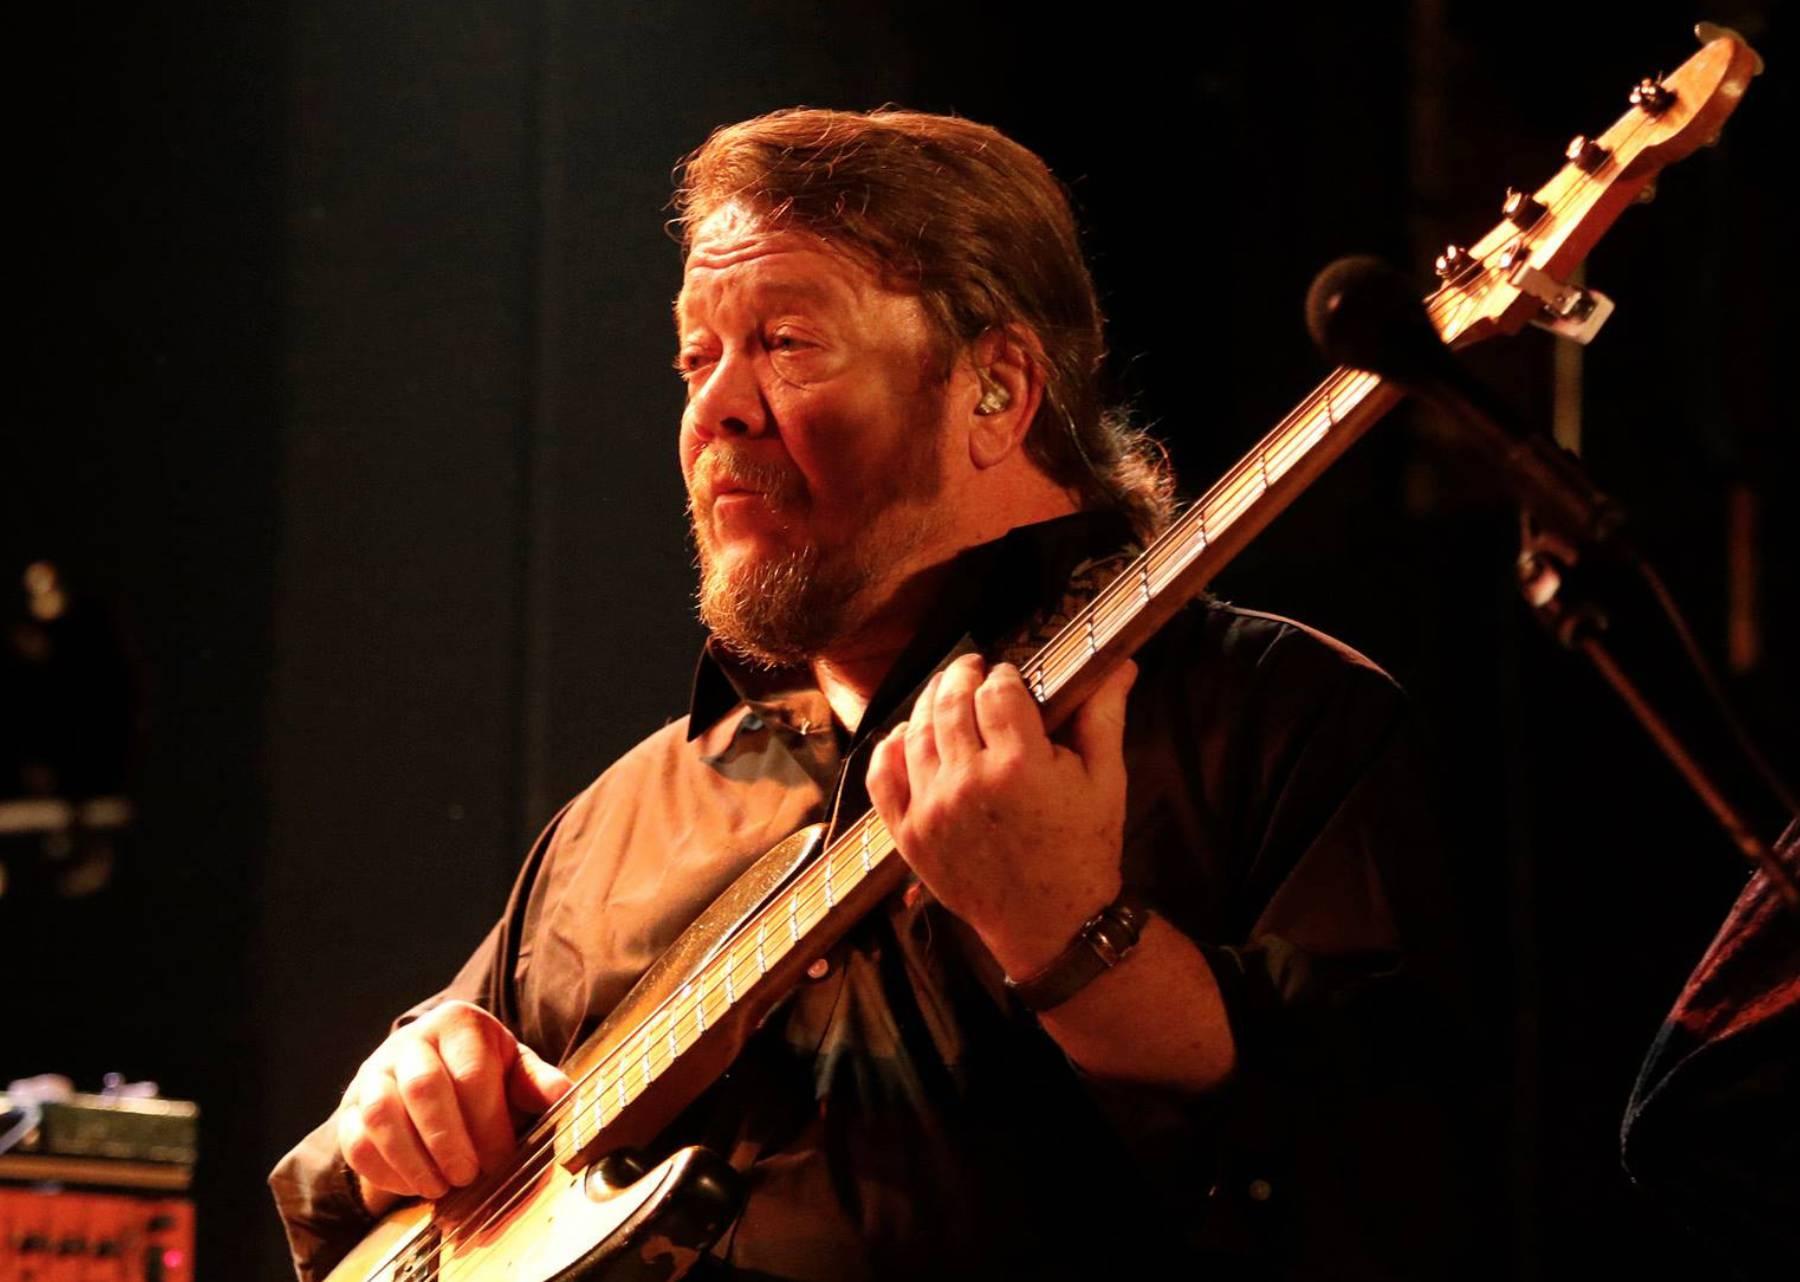 Live Music w/ Joe Breckenridge